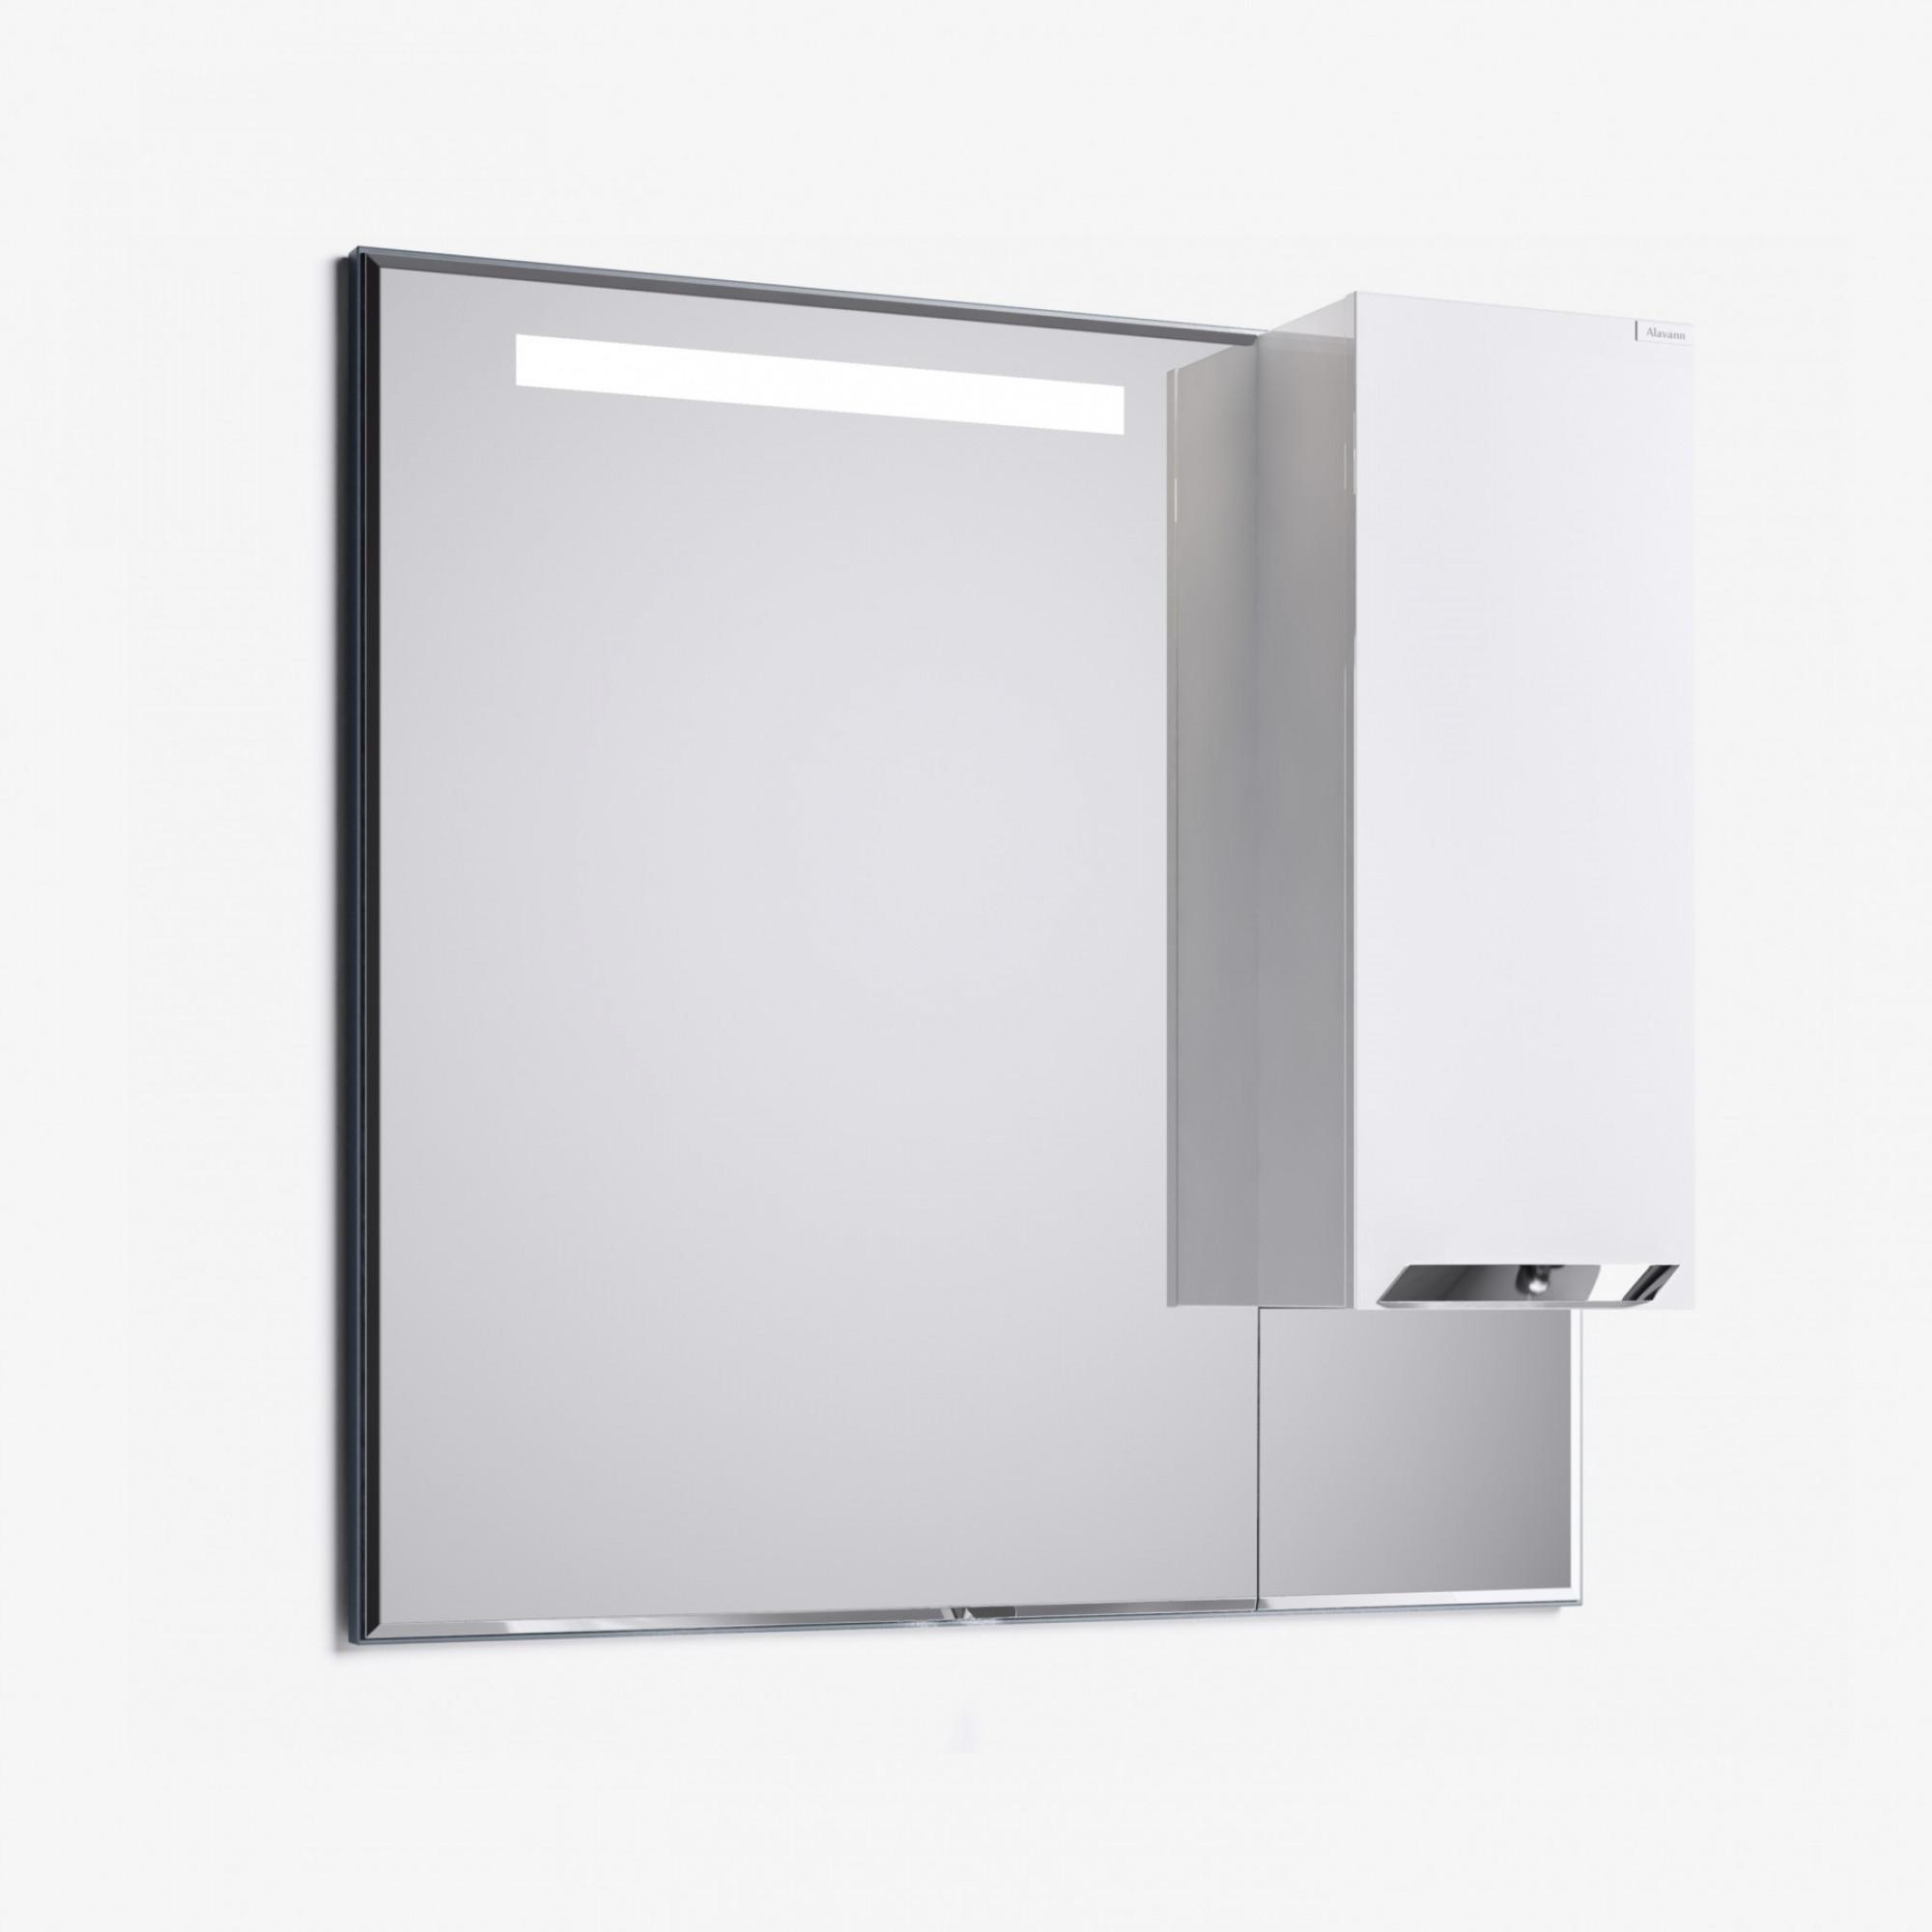 Зеркало-шкаф Elsa 100 +10 300 руб.